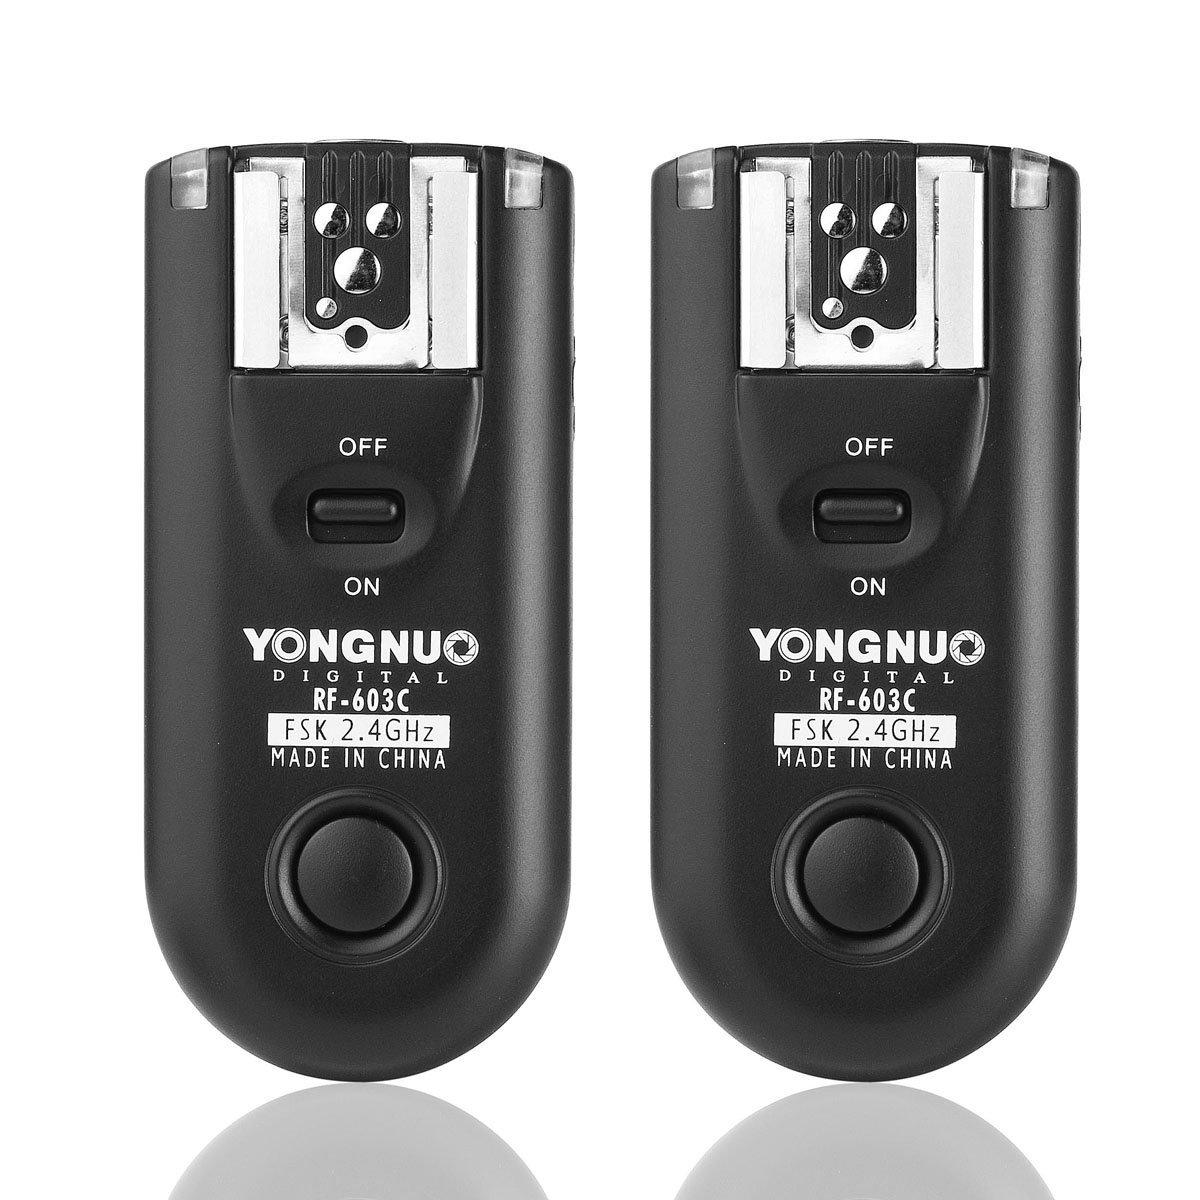 Yongnuo Rf 603 C1 Rf603 Wireless Flash Trigger Remote Store Yn 560iii Speedlight Loading Zoom